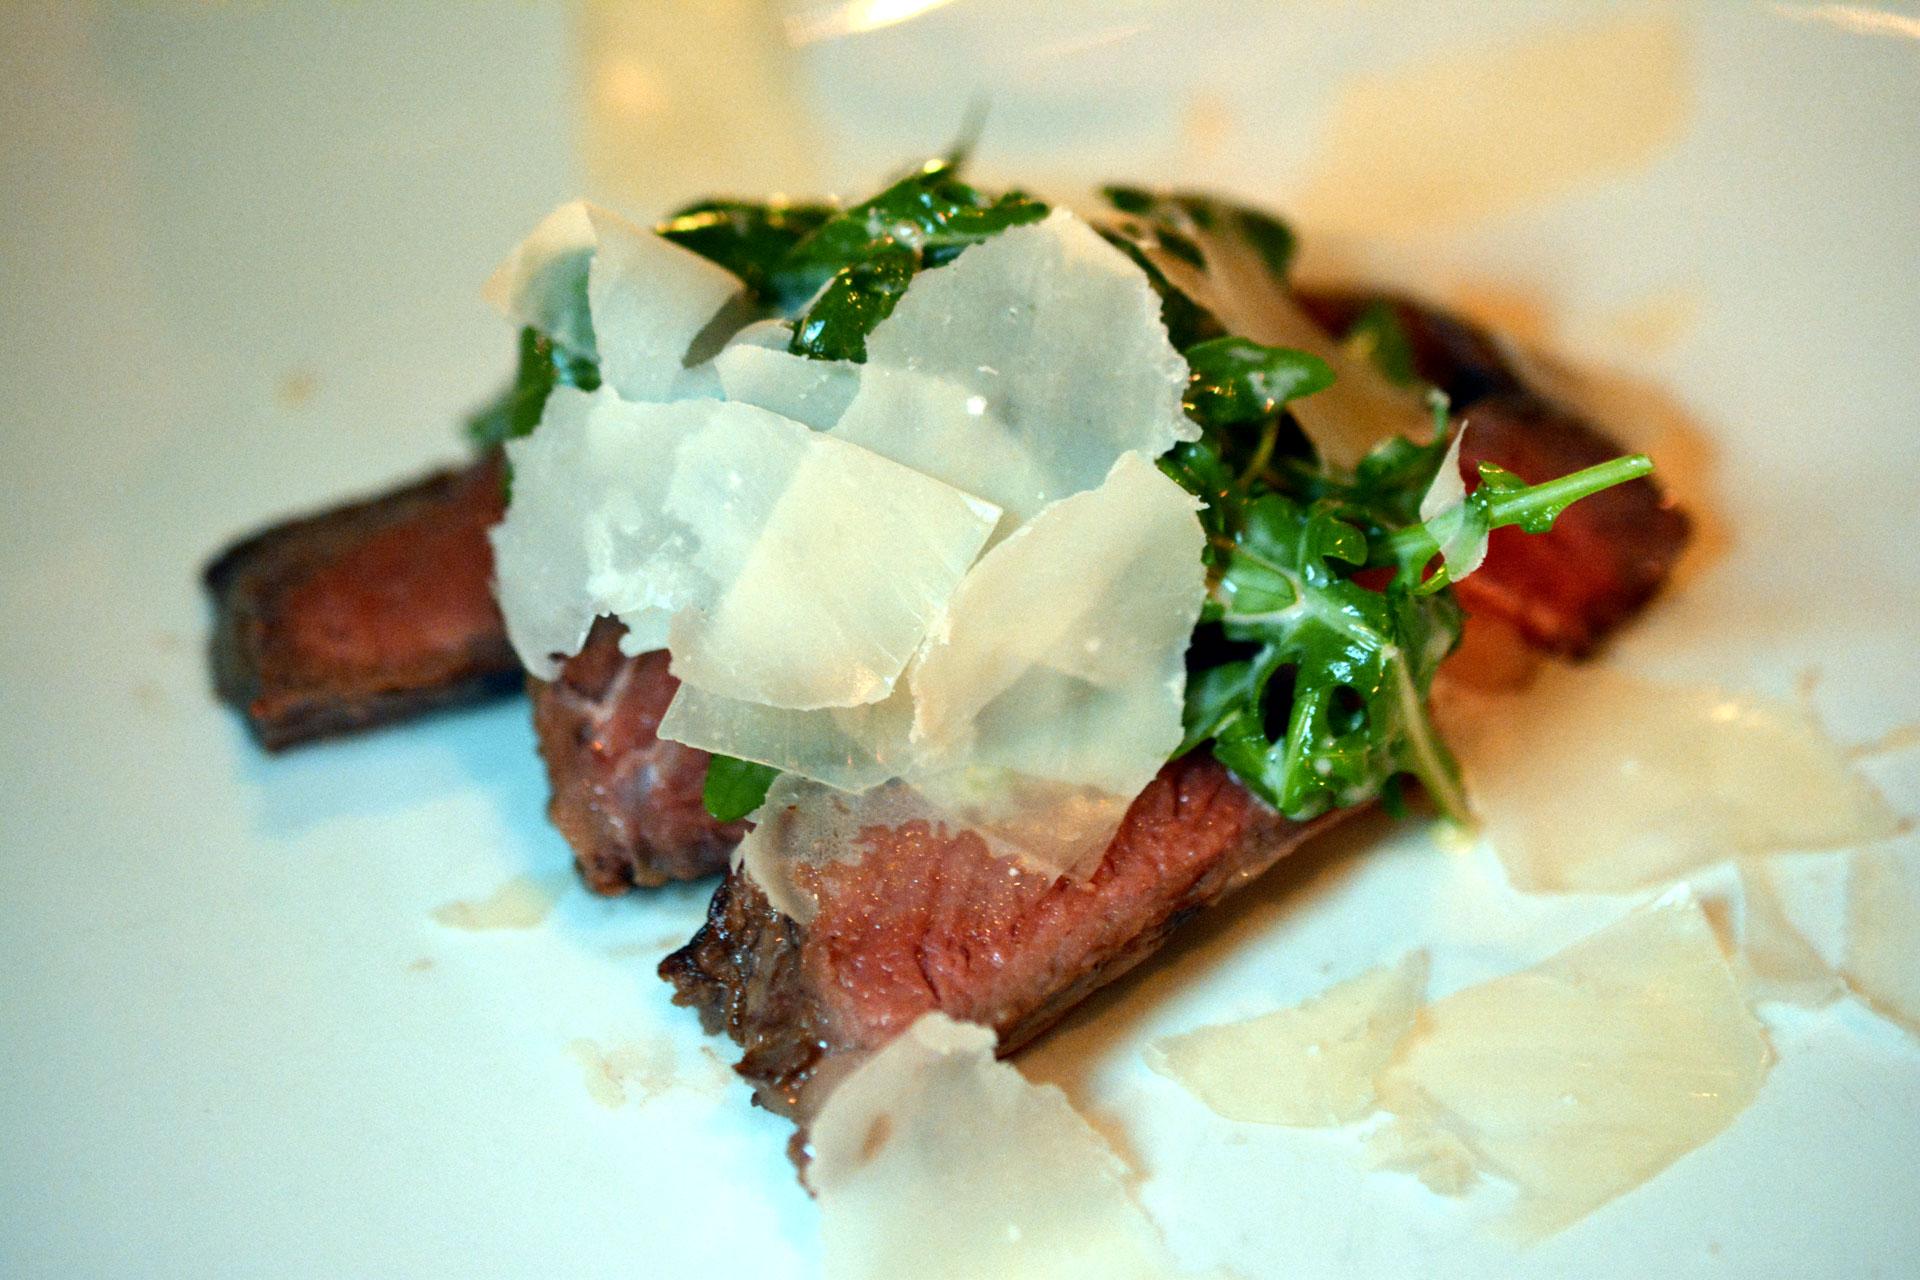 Dünn geschnittenes Rib Eye Steak mit Rucola und Parmesan